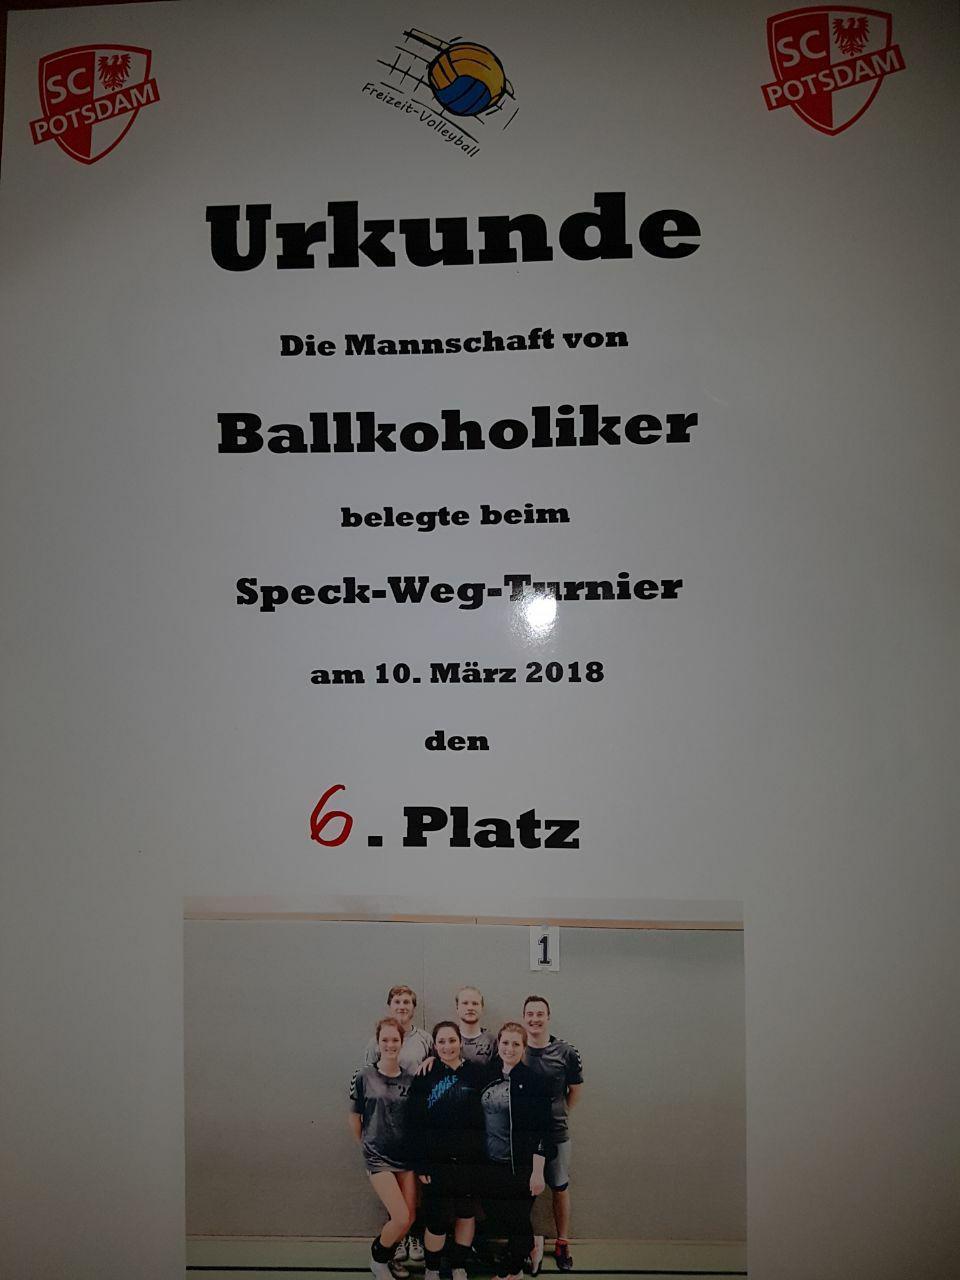 Urkunde Speck-Weg-Turnier 10.03.2018